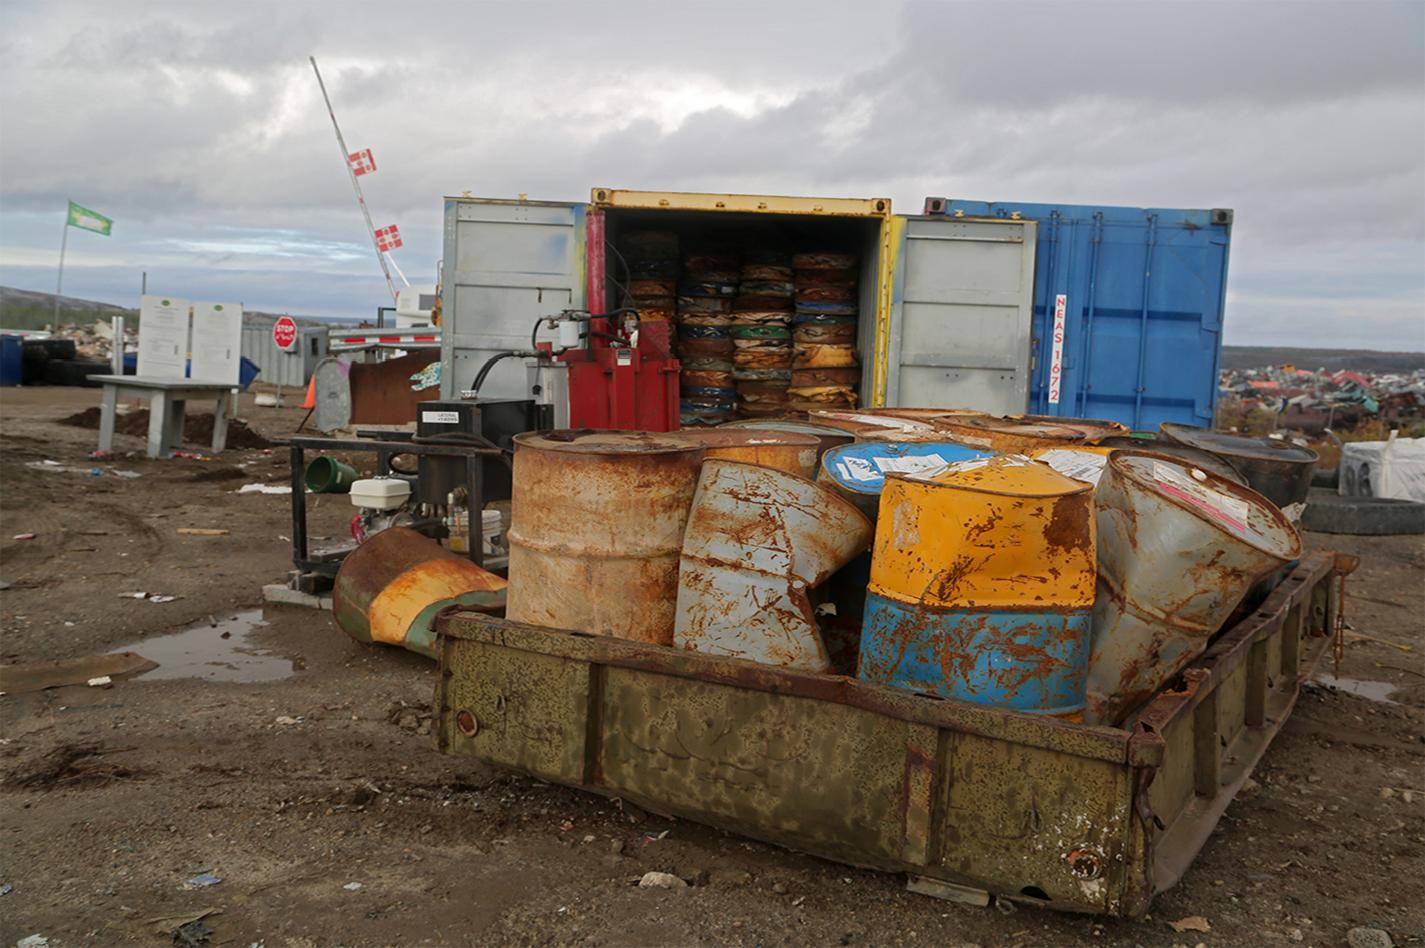 Des barils de pétrole avant d'être écrasés au dépotoir.